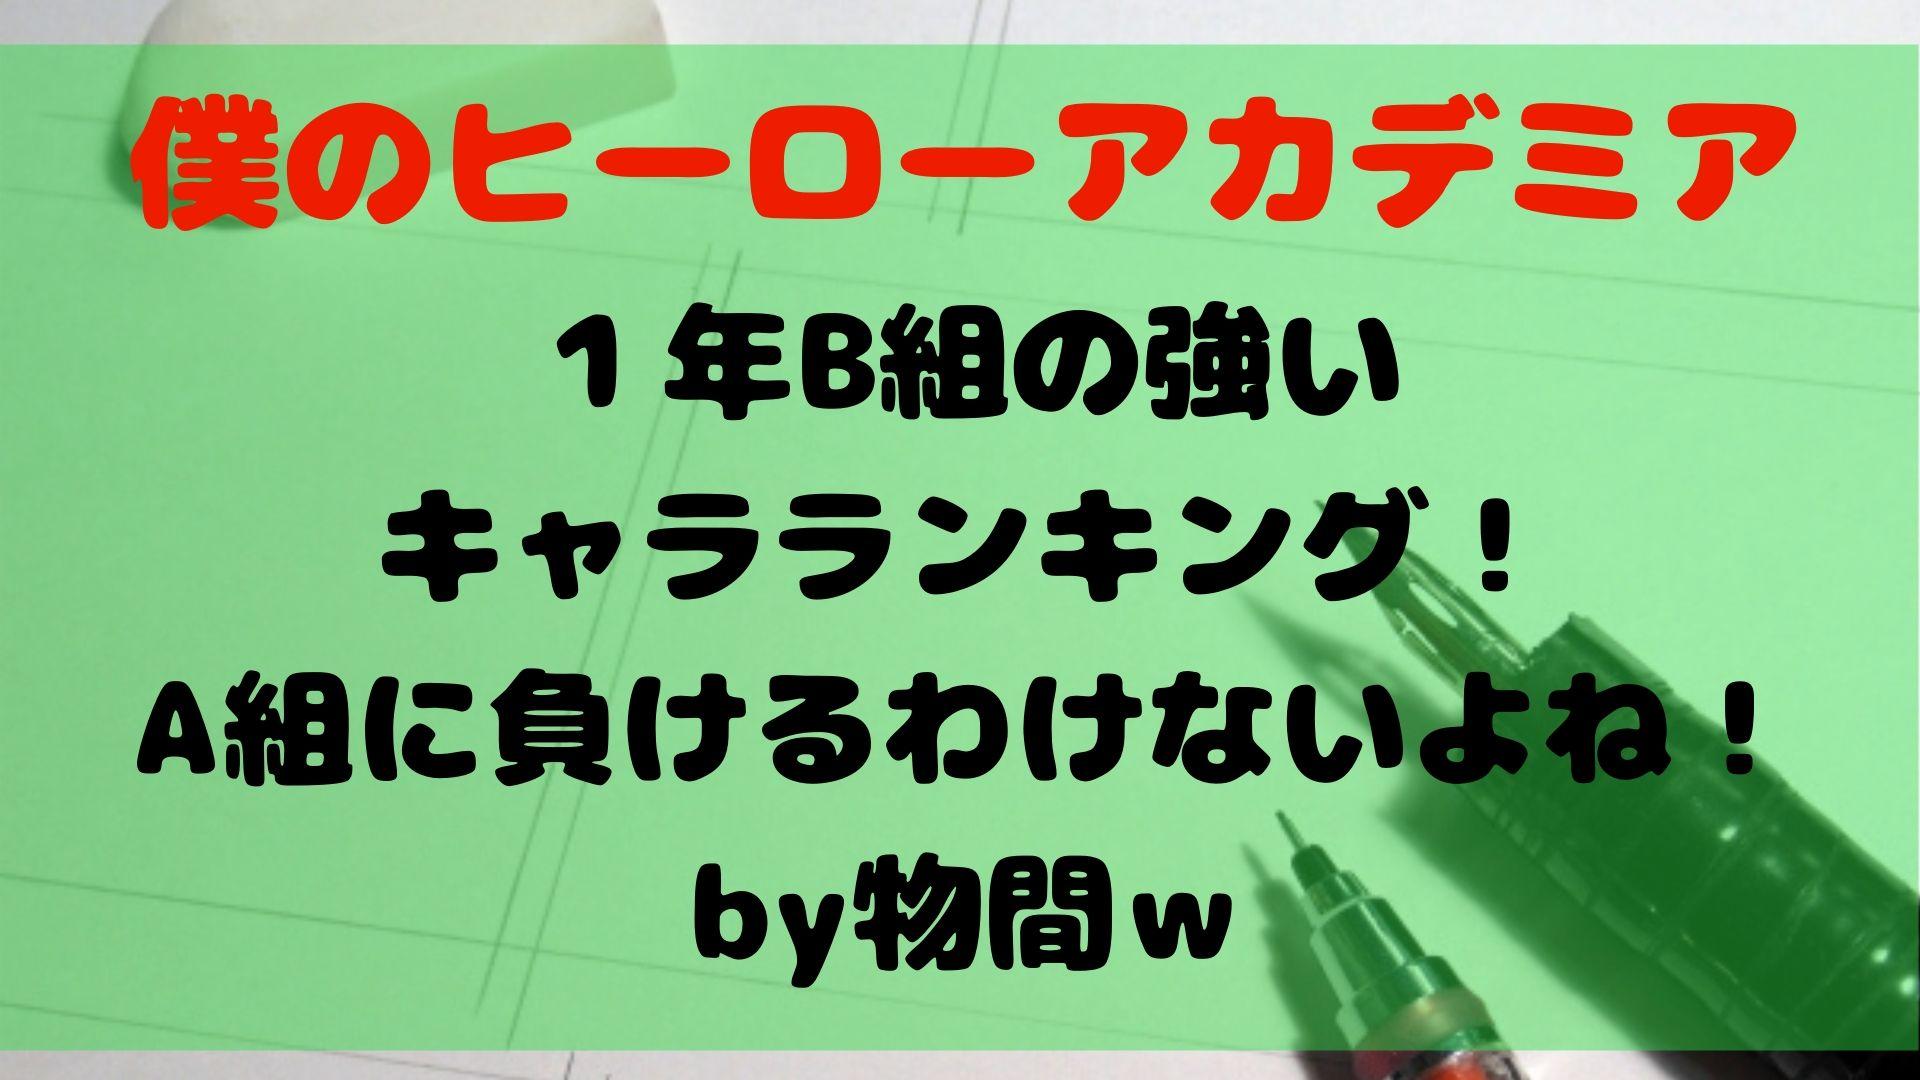 【ヒロアカ】1年B組の強いキャラランキング!A組に負けるわけないよね!by物間w